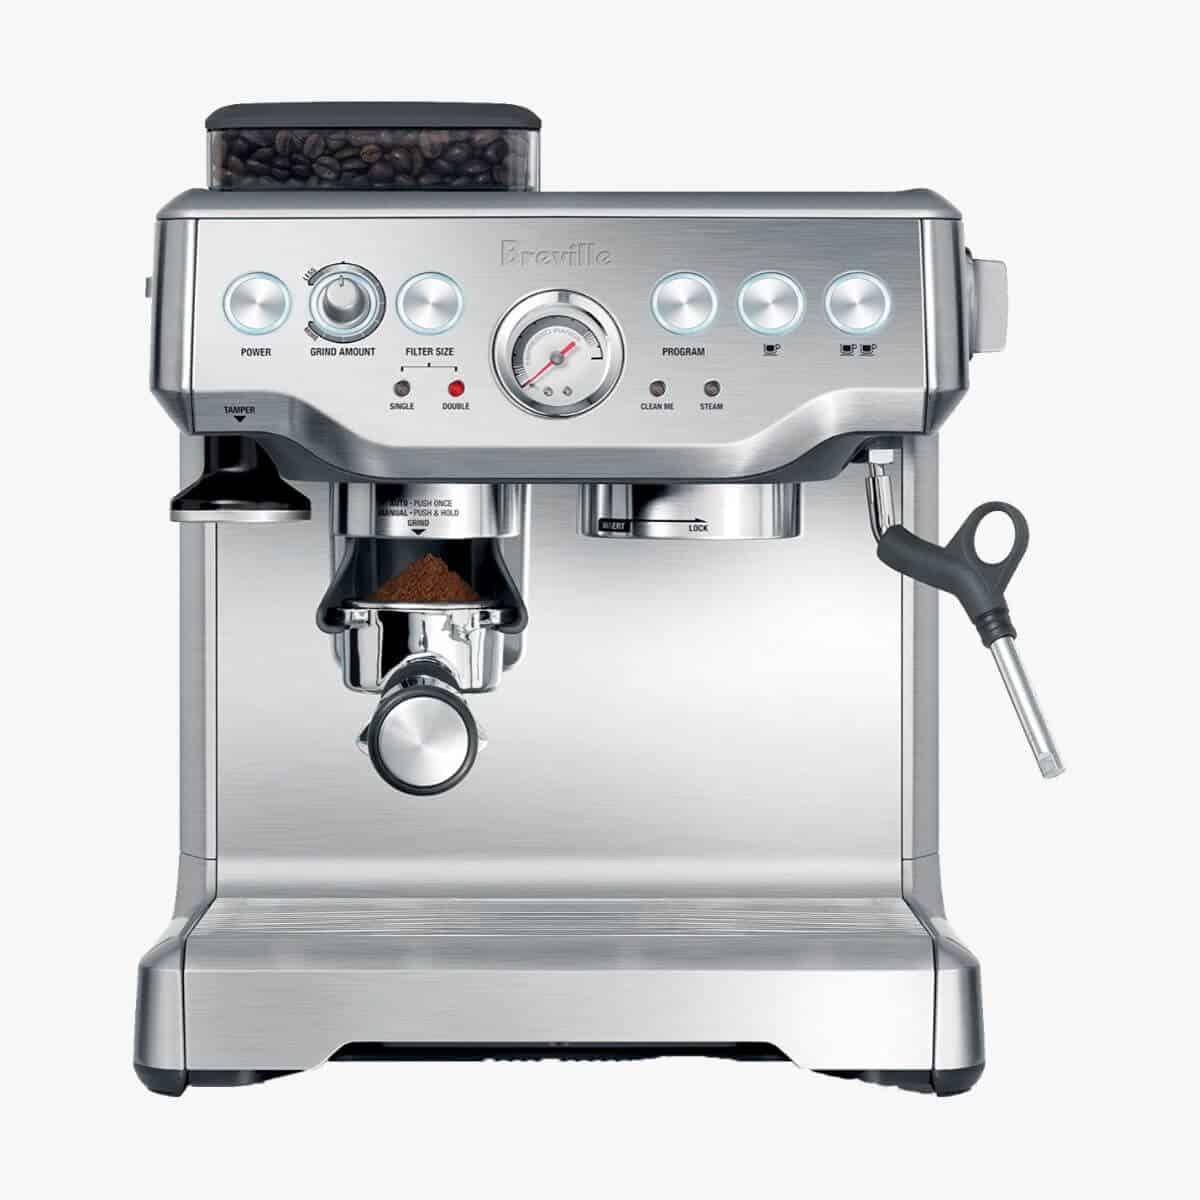 Breville silver espresso machine.